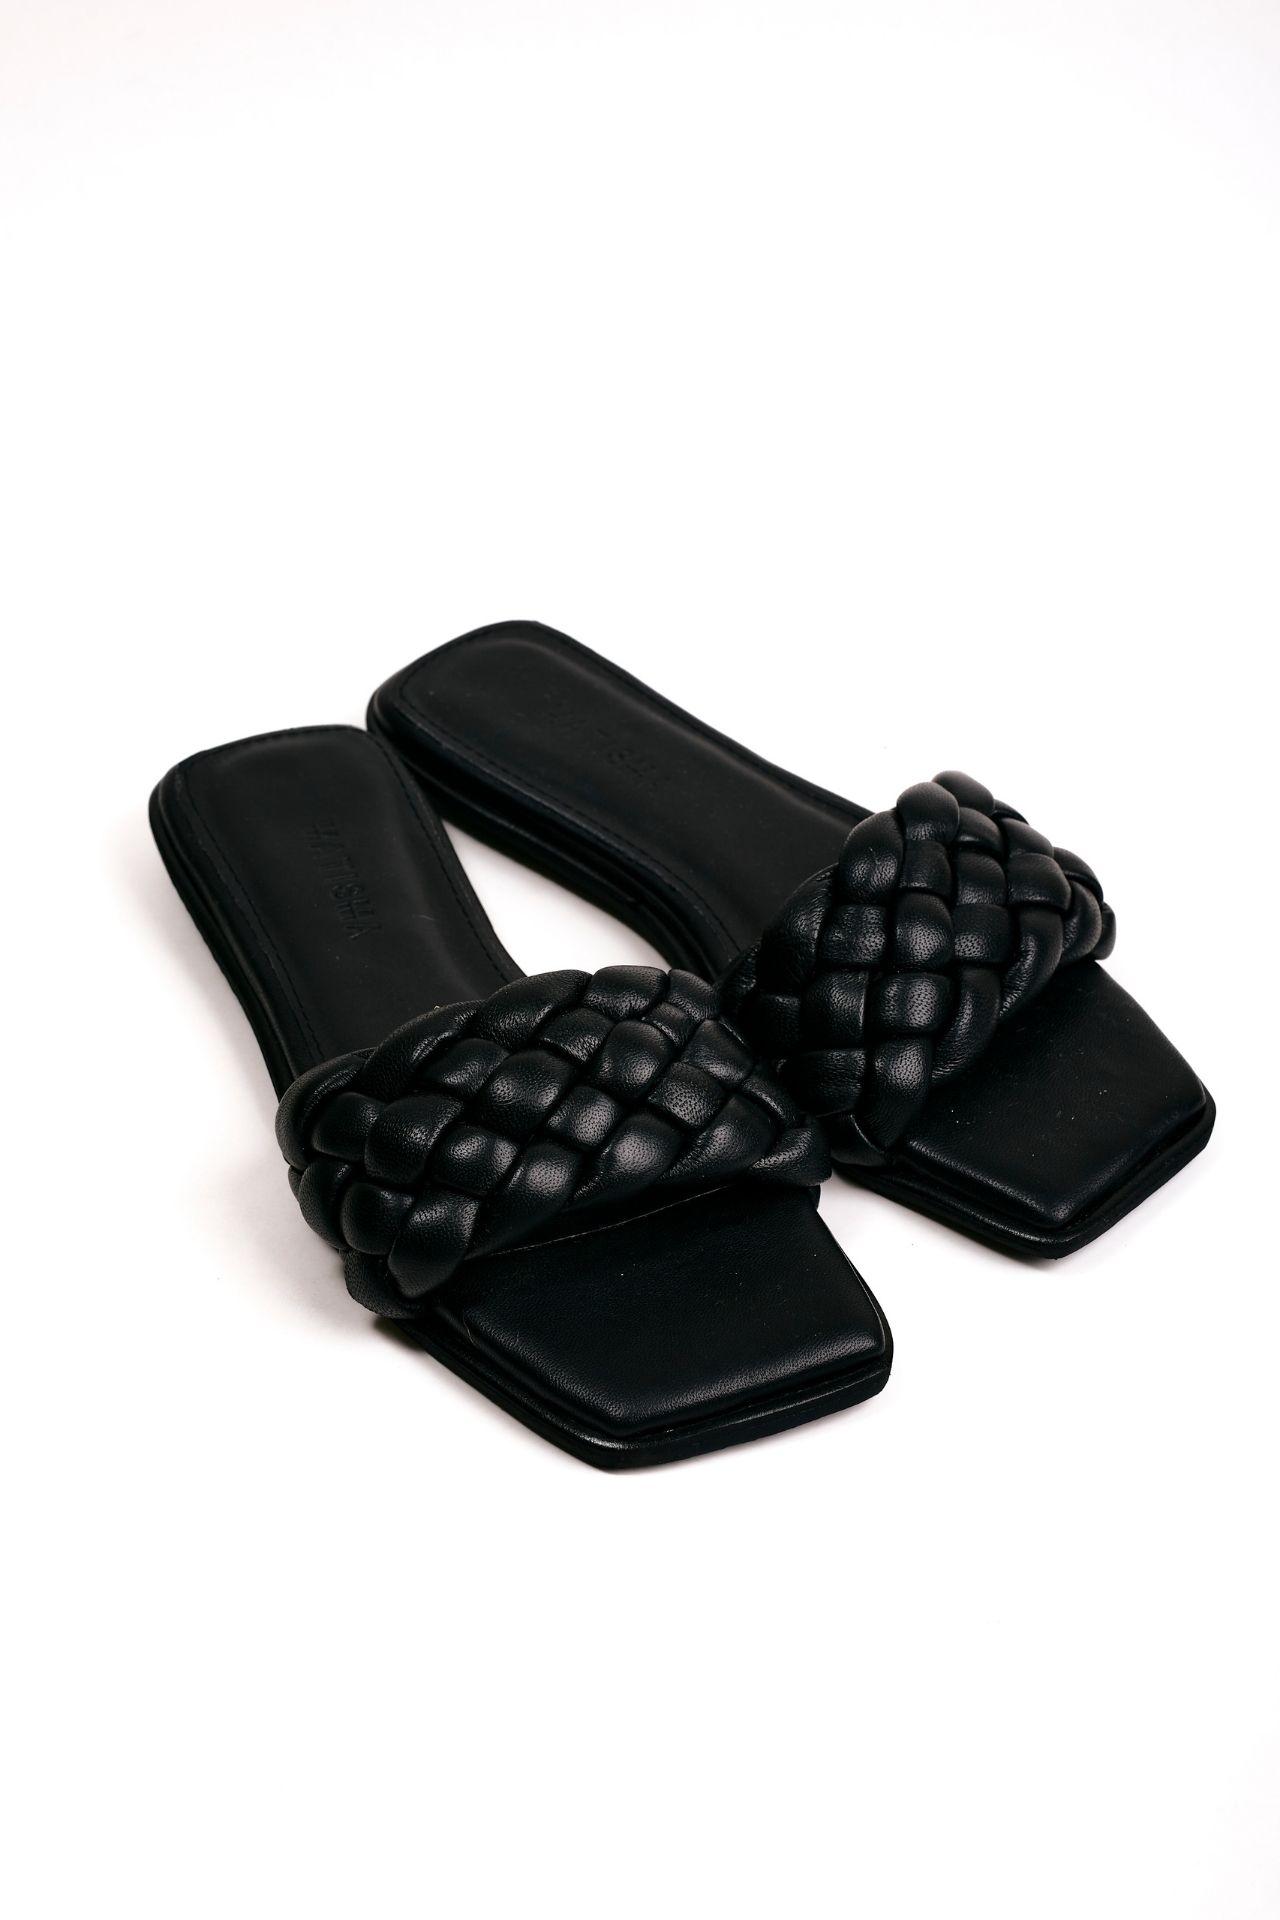 Sandalias con una franja trenzada de cuero negro.  Capellada: Cuero natural  Forro: Badana Natural